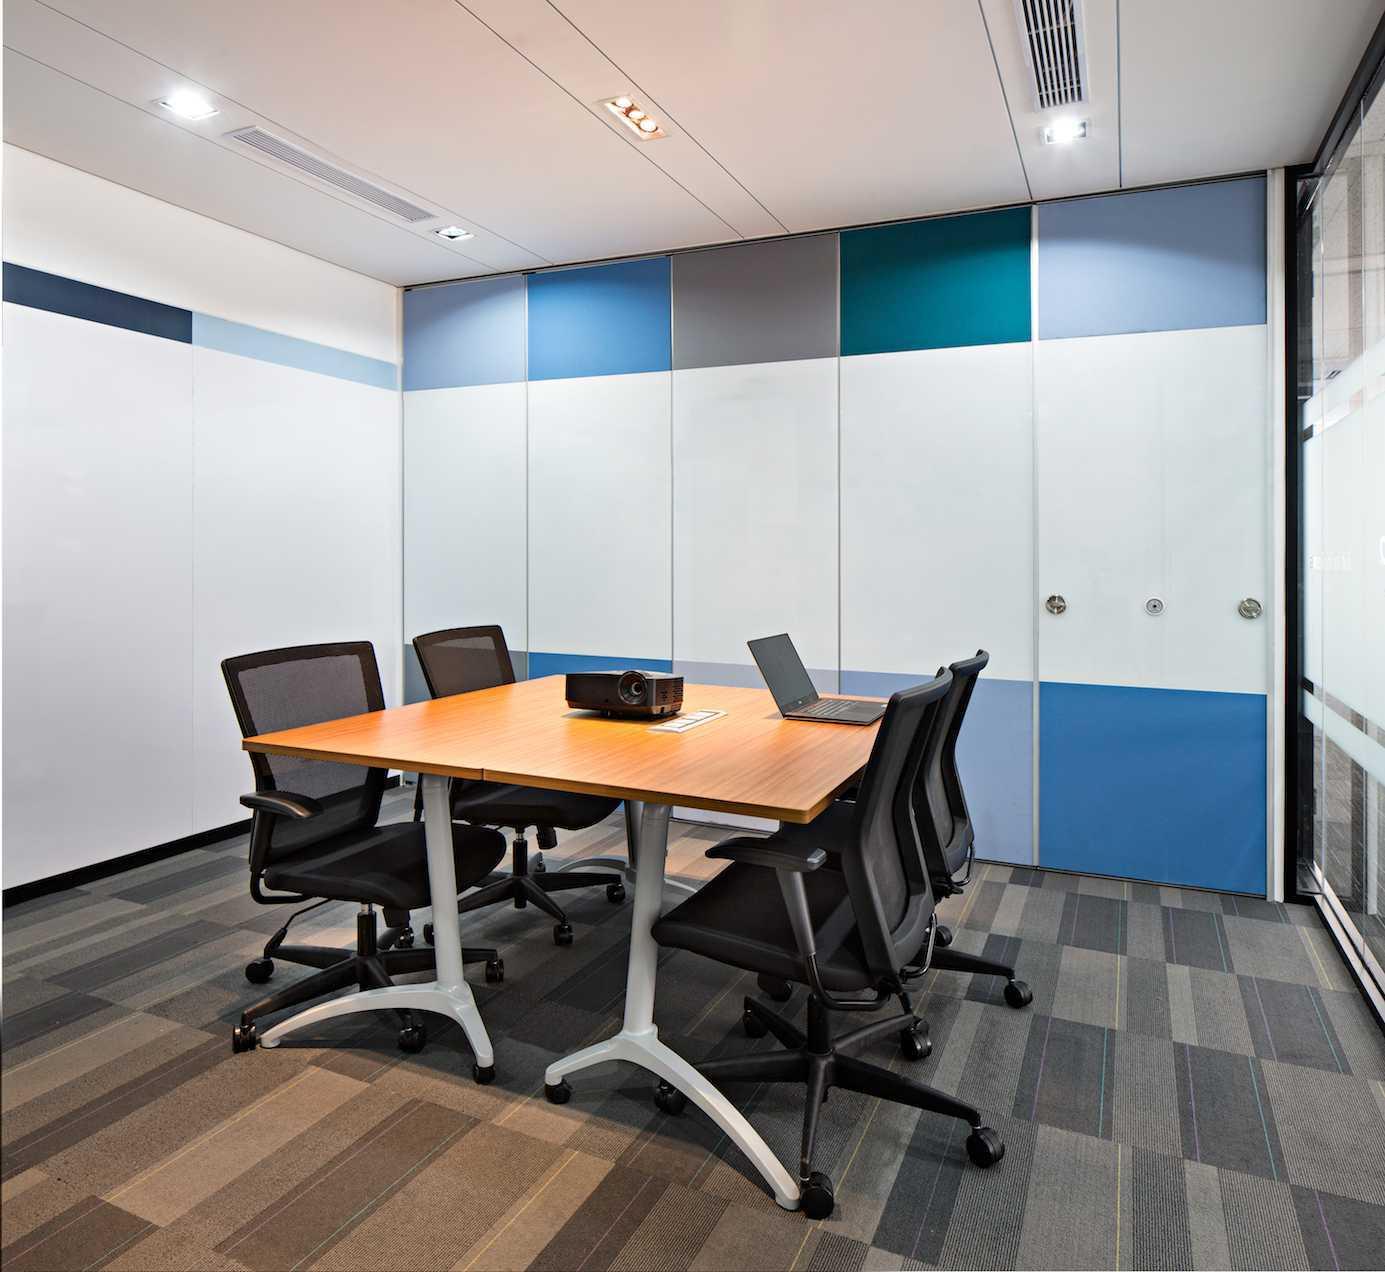 Pt Asa Adiguna Allegro Development Menara Thamrin Building Menara Thamrin Building Small Meeting Room Modern 24589